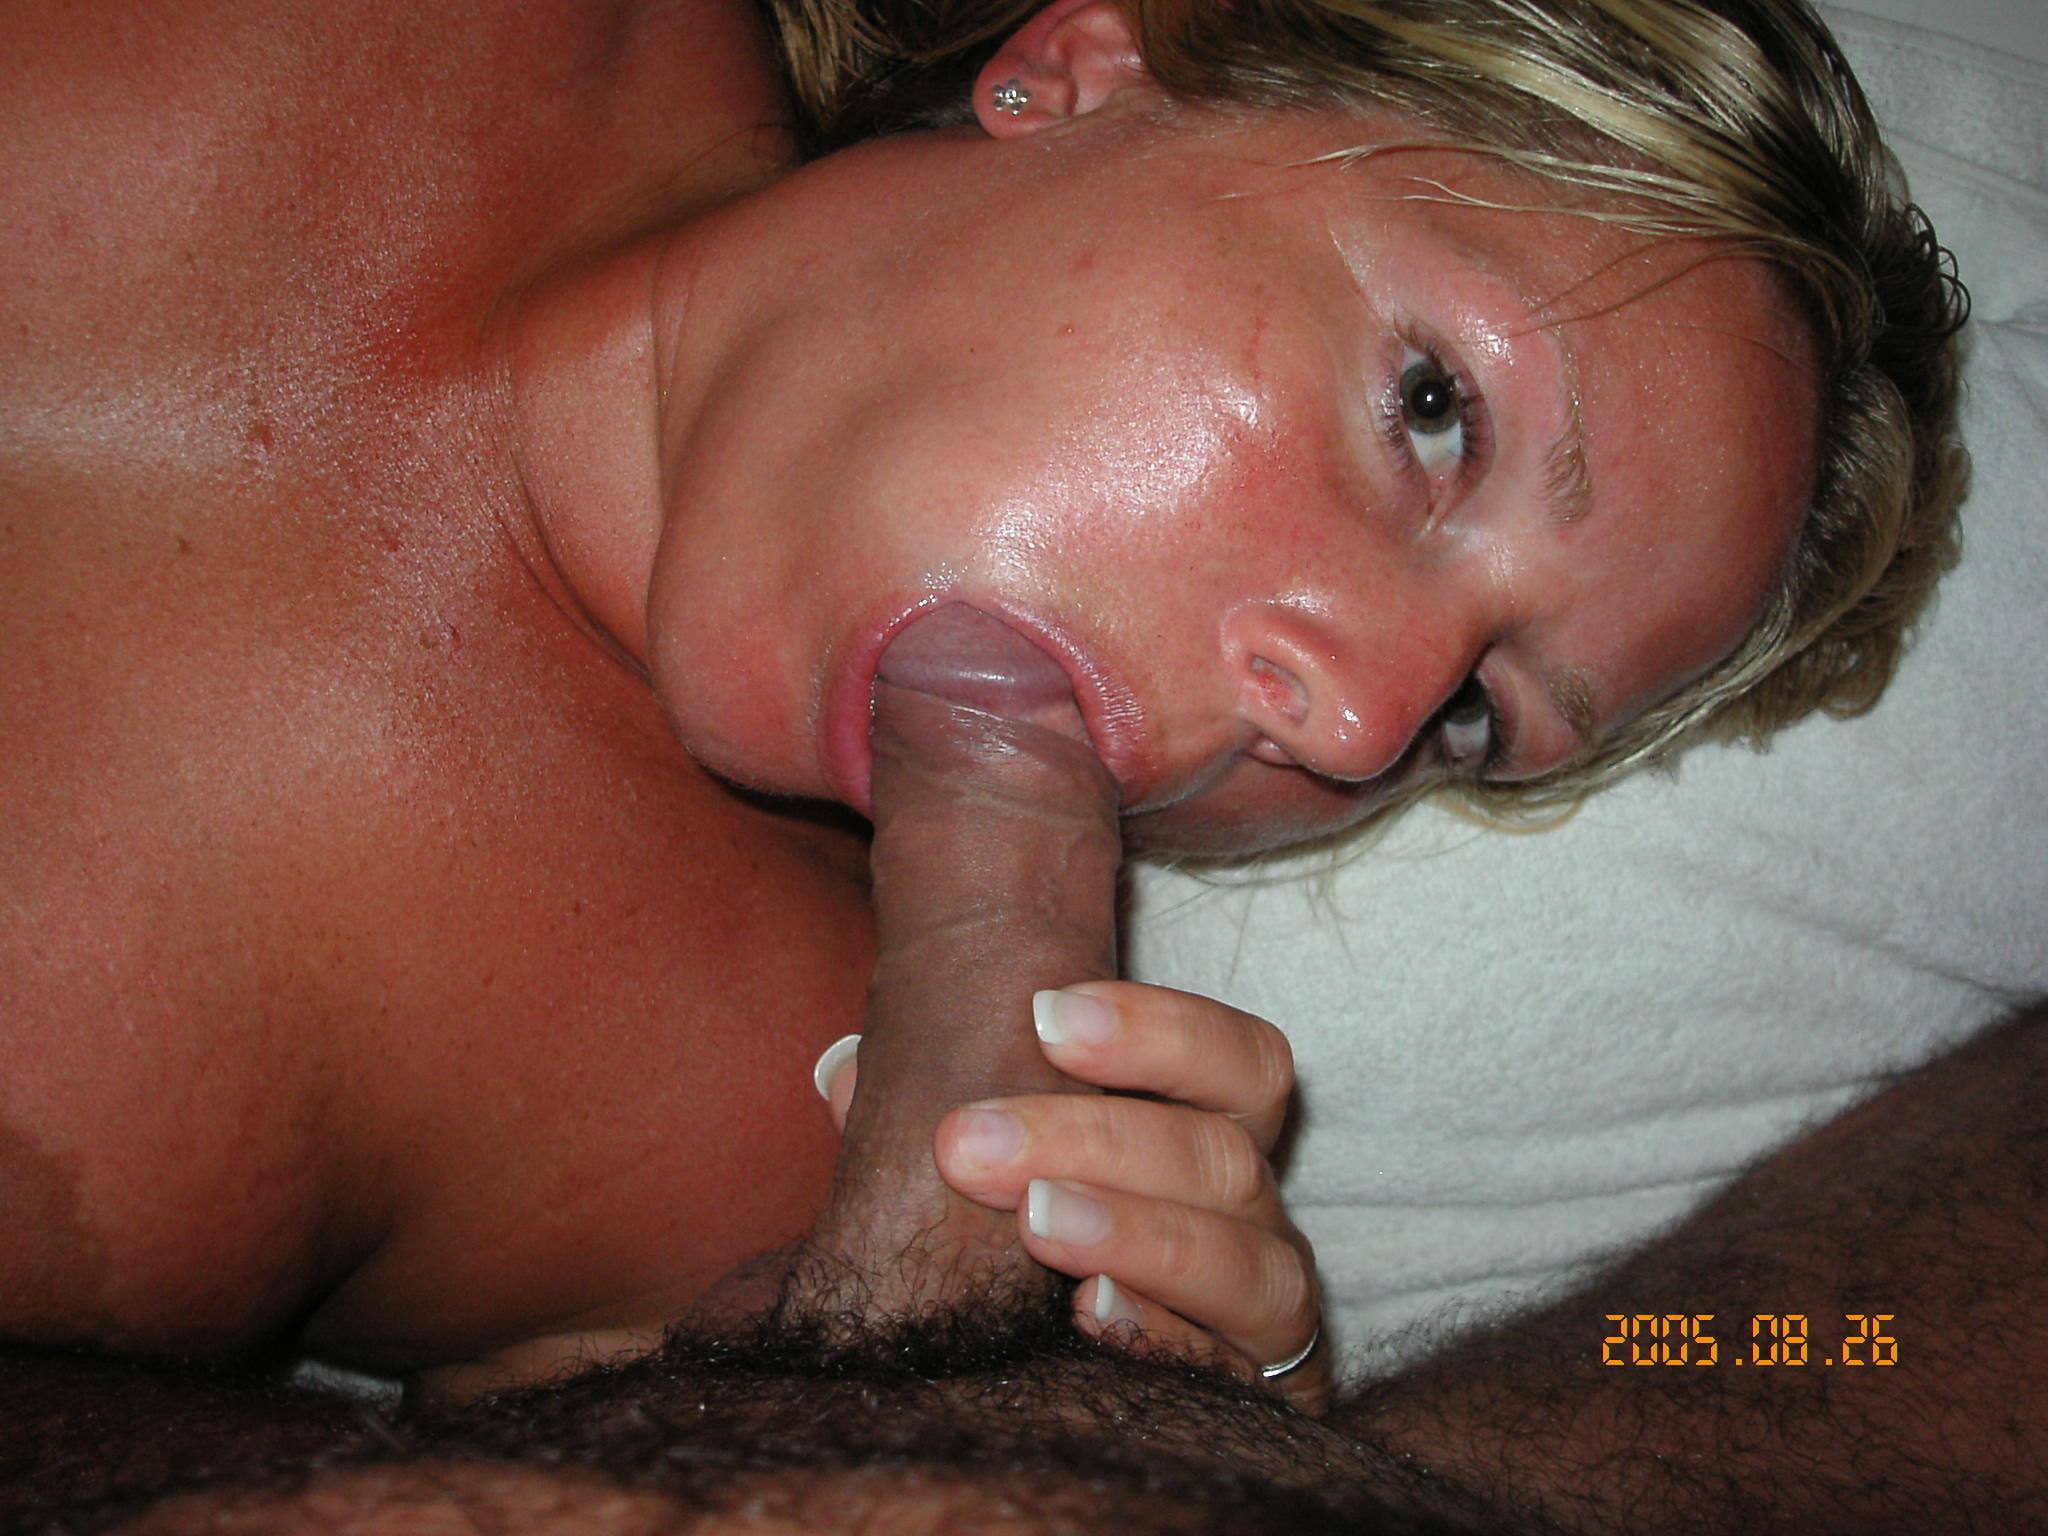 Жена любит сосать мужу хуй и играть с его анусом